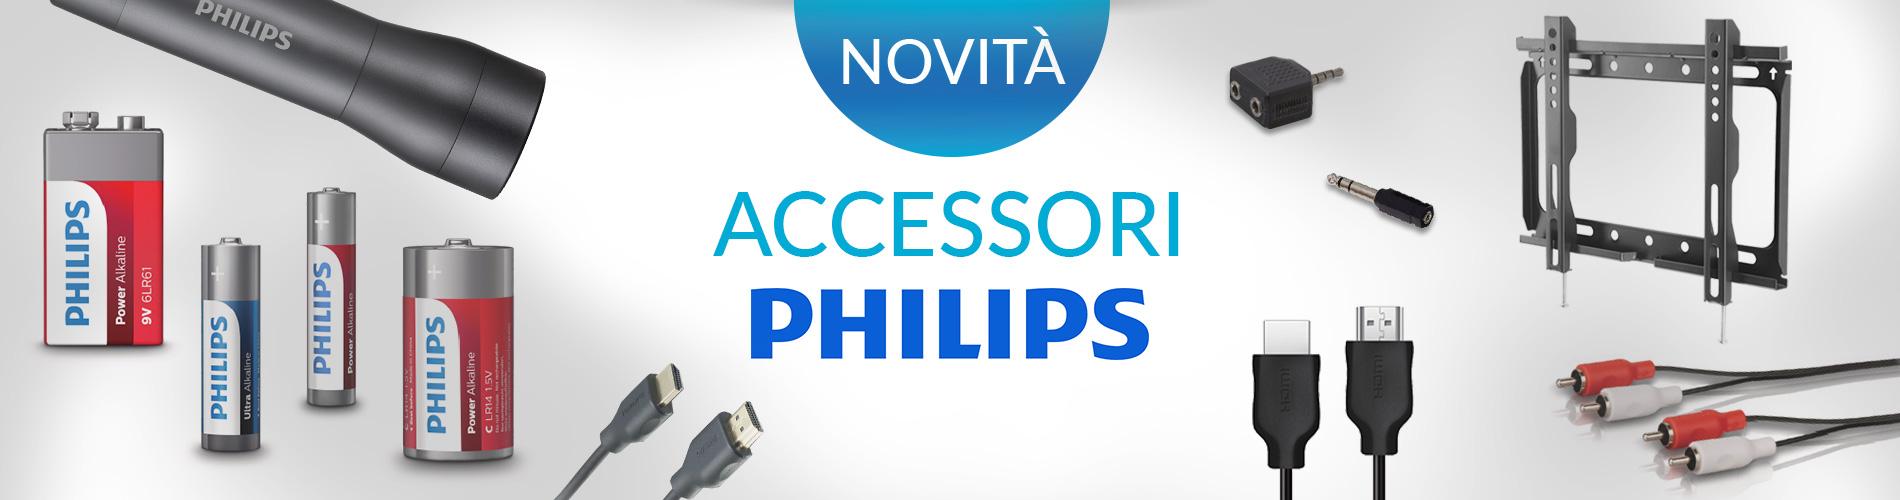 accessori philips